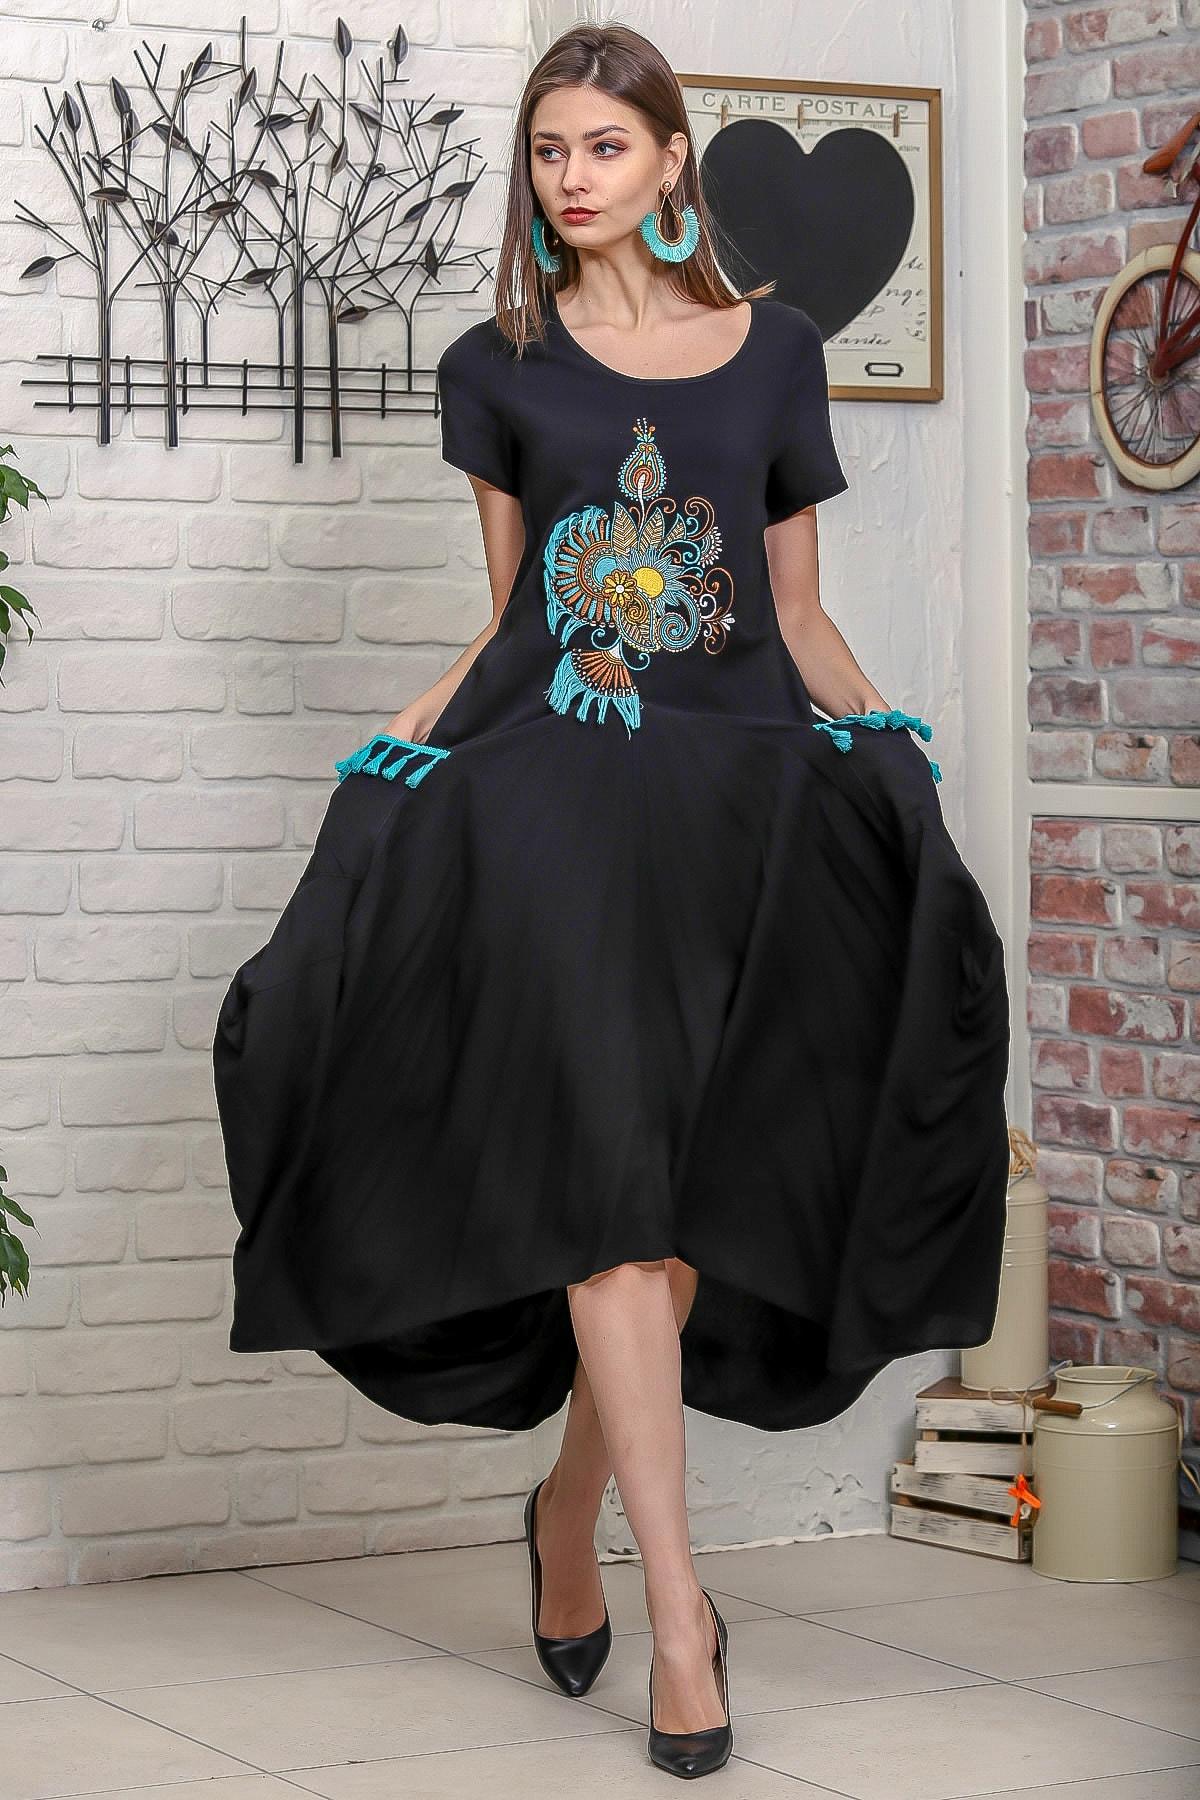 Chiccy Kadın Siyah Ottoman Yelpaze Nakışlı Cepleri Püsküllü Asimetrik Salaş Elbise 0